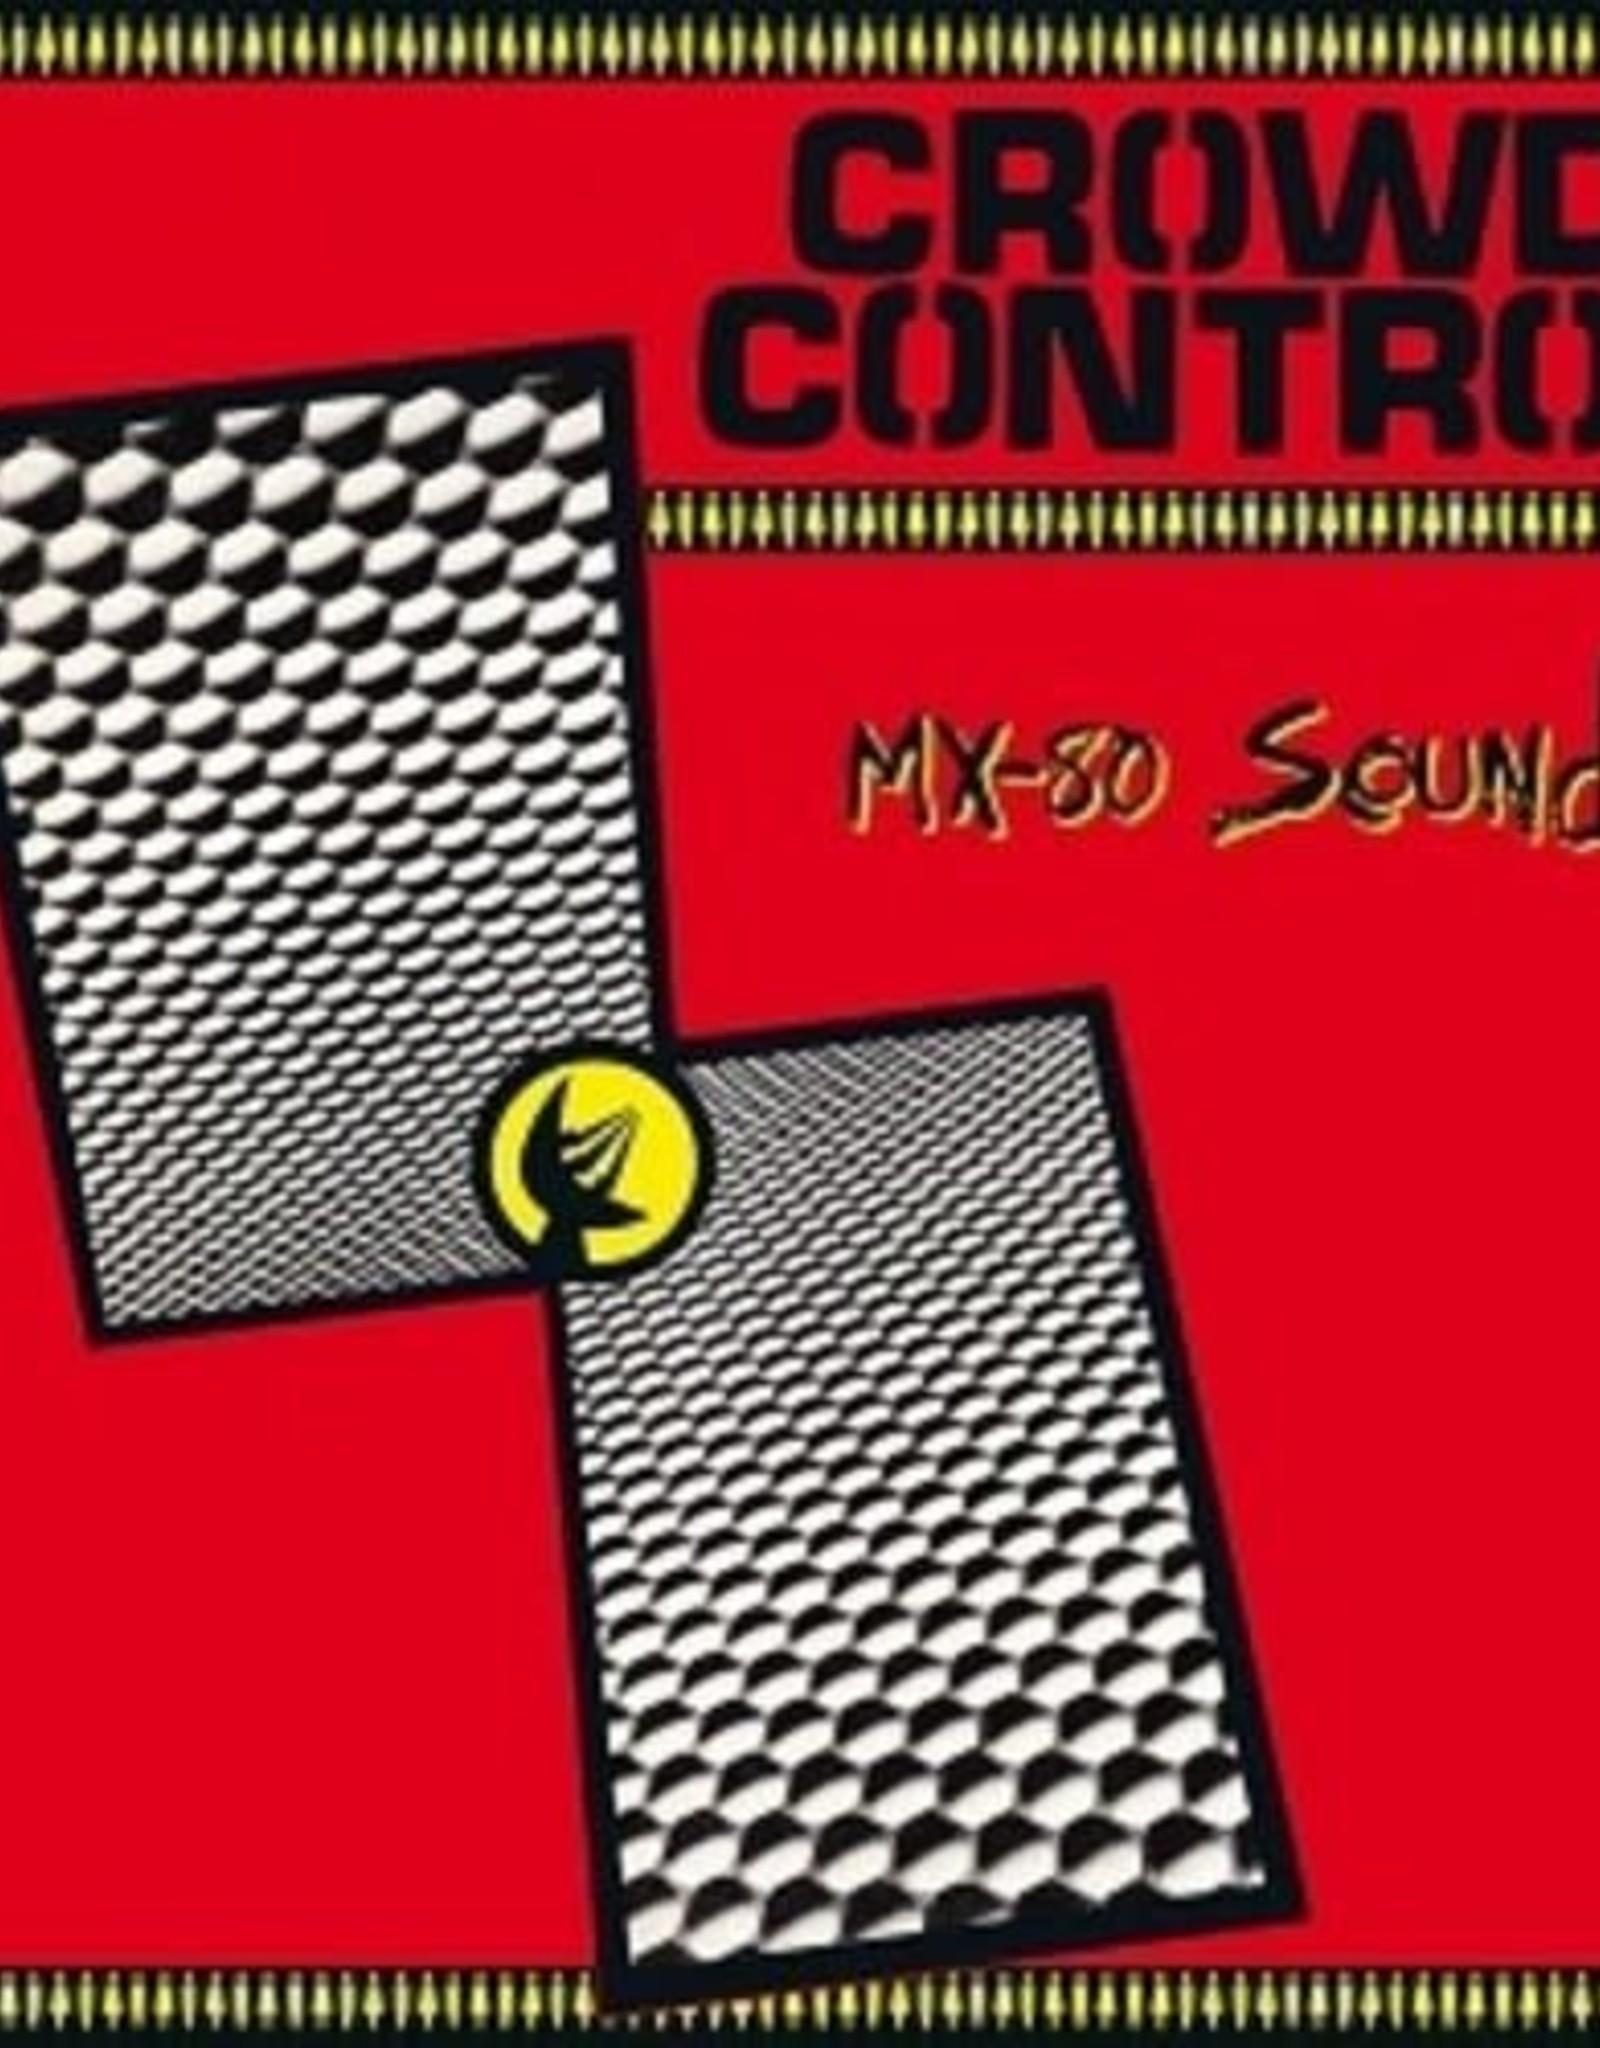 Mx-80 Sound - Crowd Control